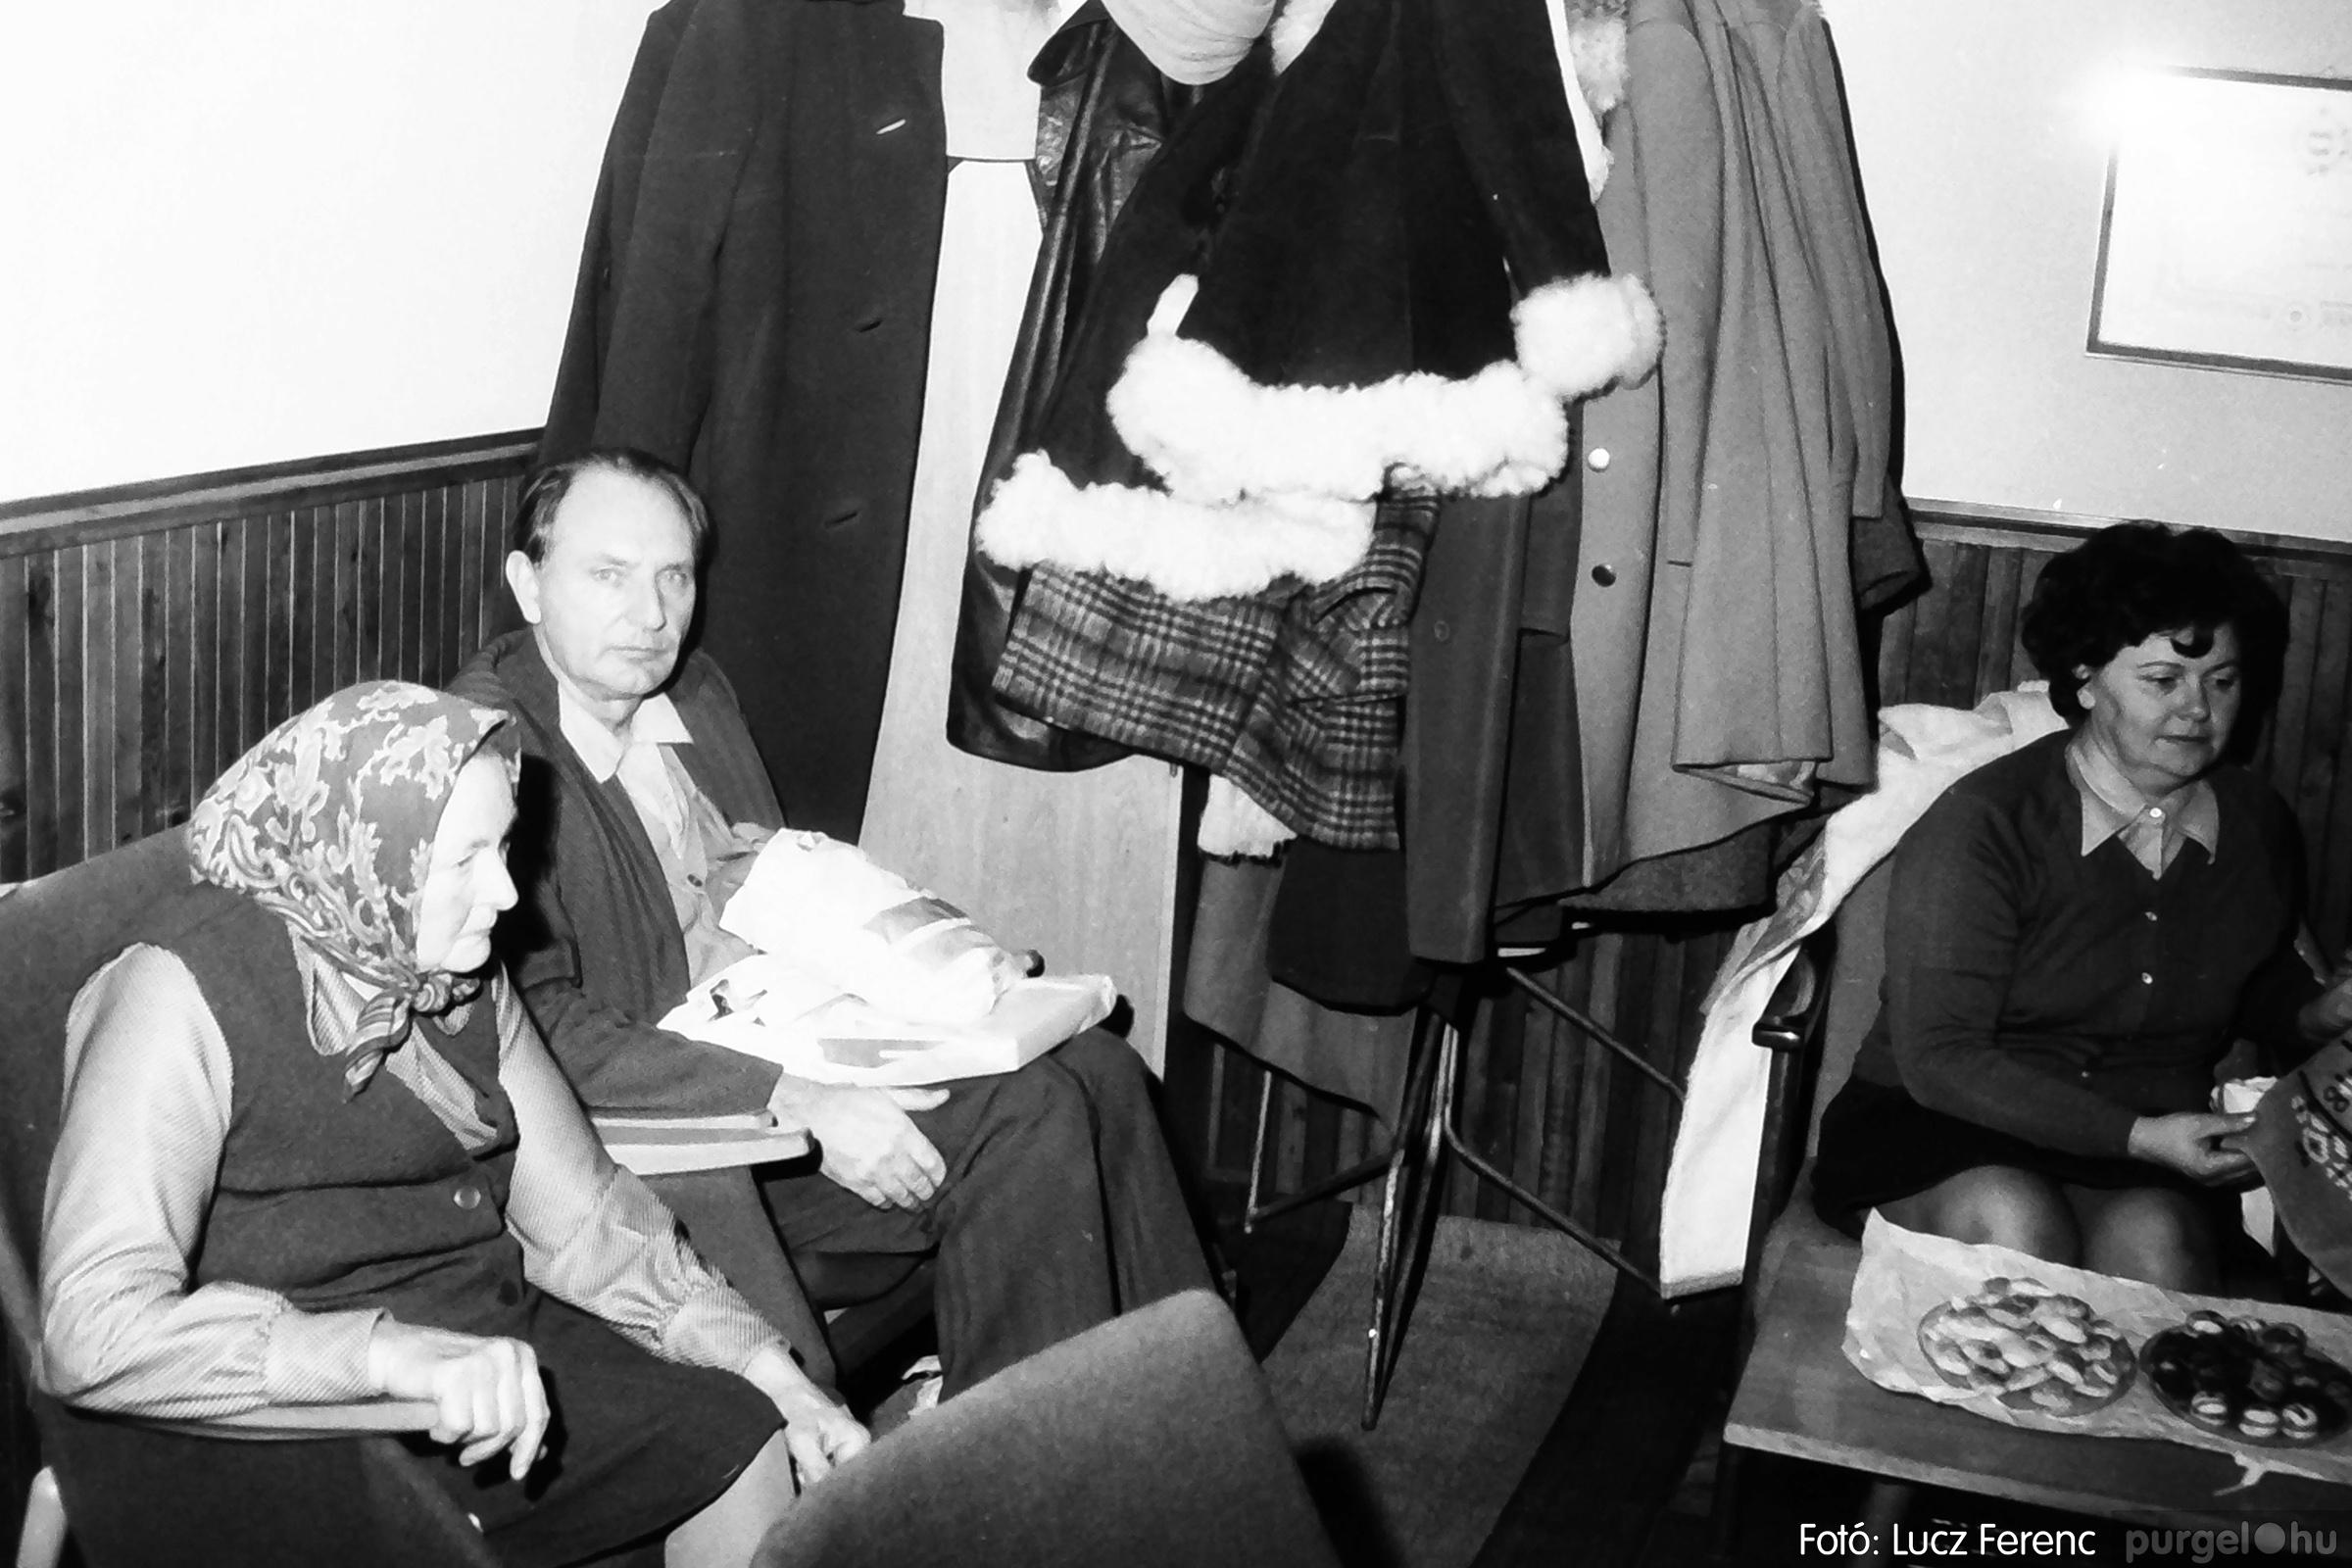 096. 1977. Karácsonyi összejövetel a kultúrházban 007. - Fotó: Lucz Ferenc.jpg